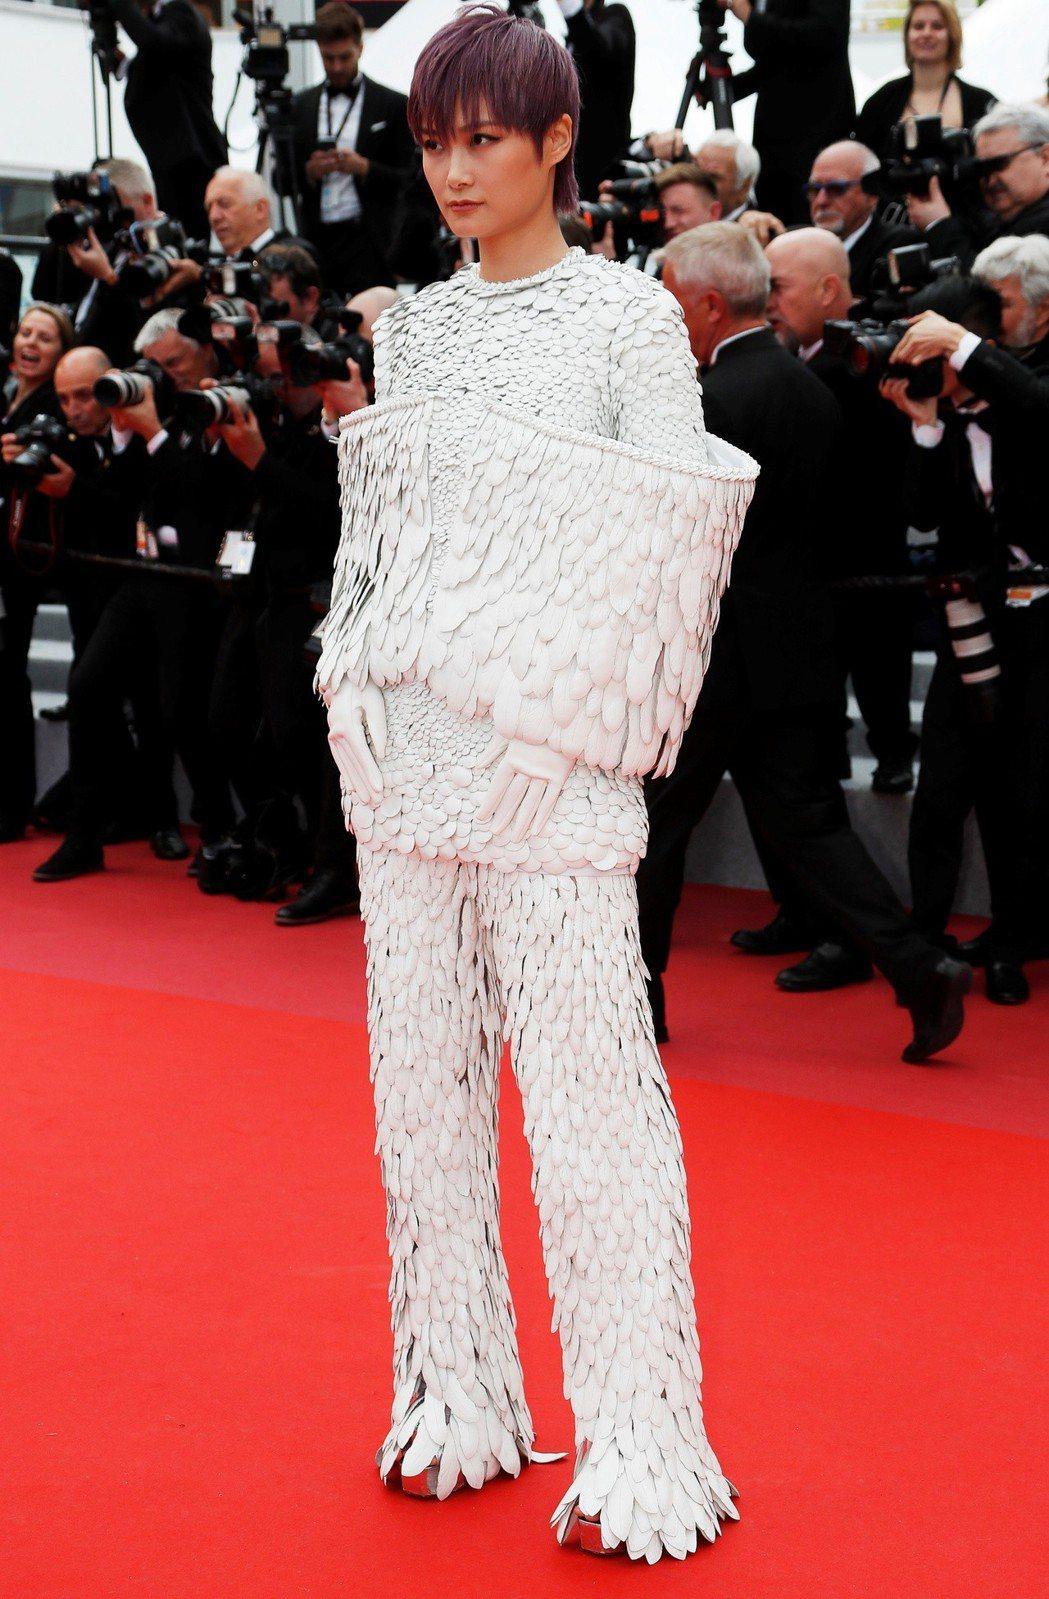 李宇春現身坎城紅地毯,服裝設計極為特別。(路透)